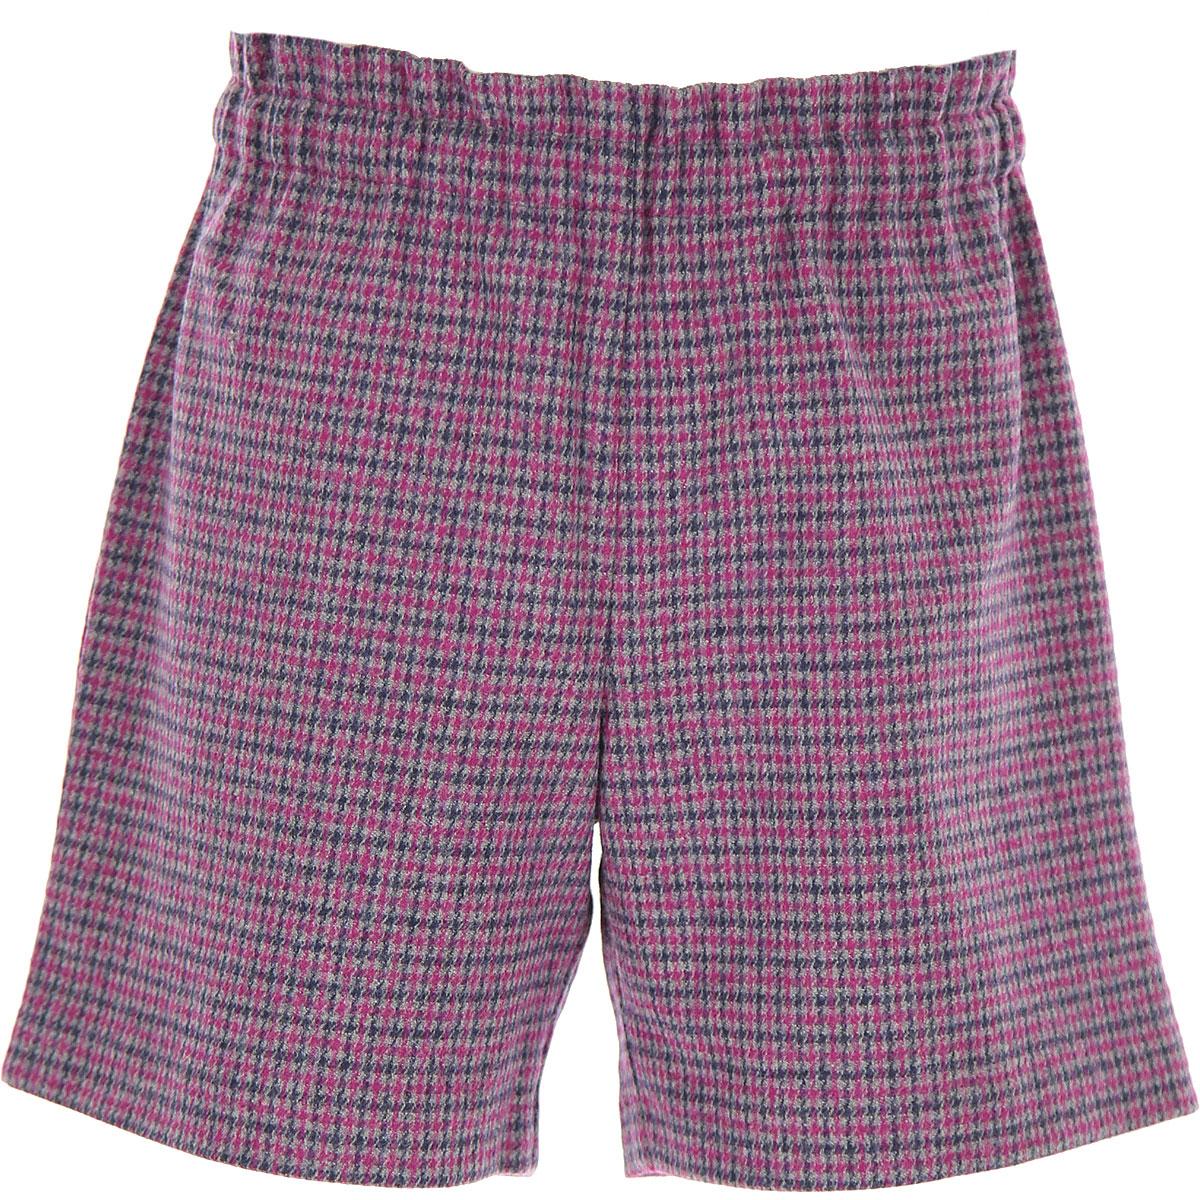 Bonpoint Kids Shorts for Girls On Sale, Violet, Wool, 2019, 10Y 12Y 14Y 6Y 8Y